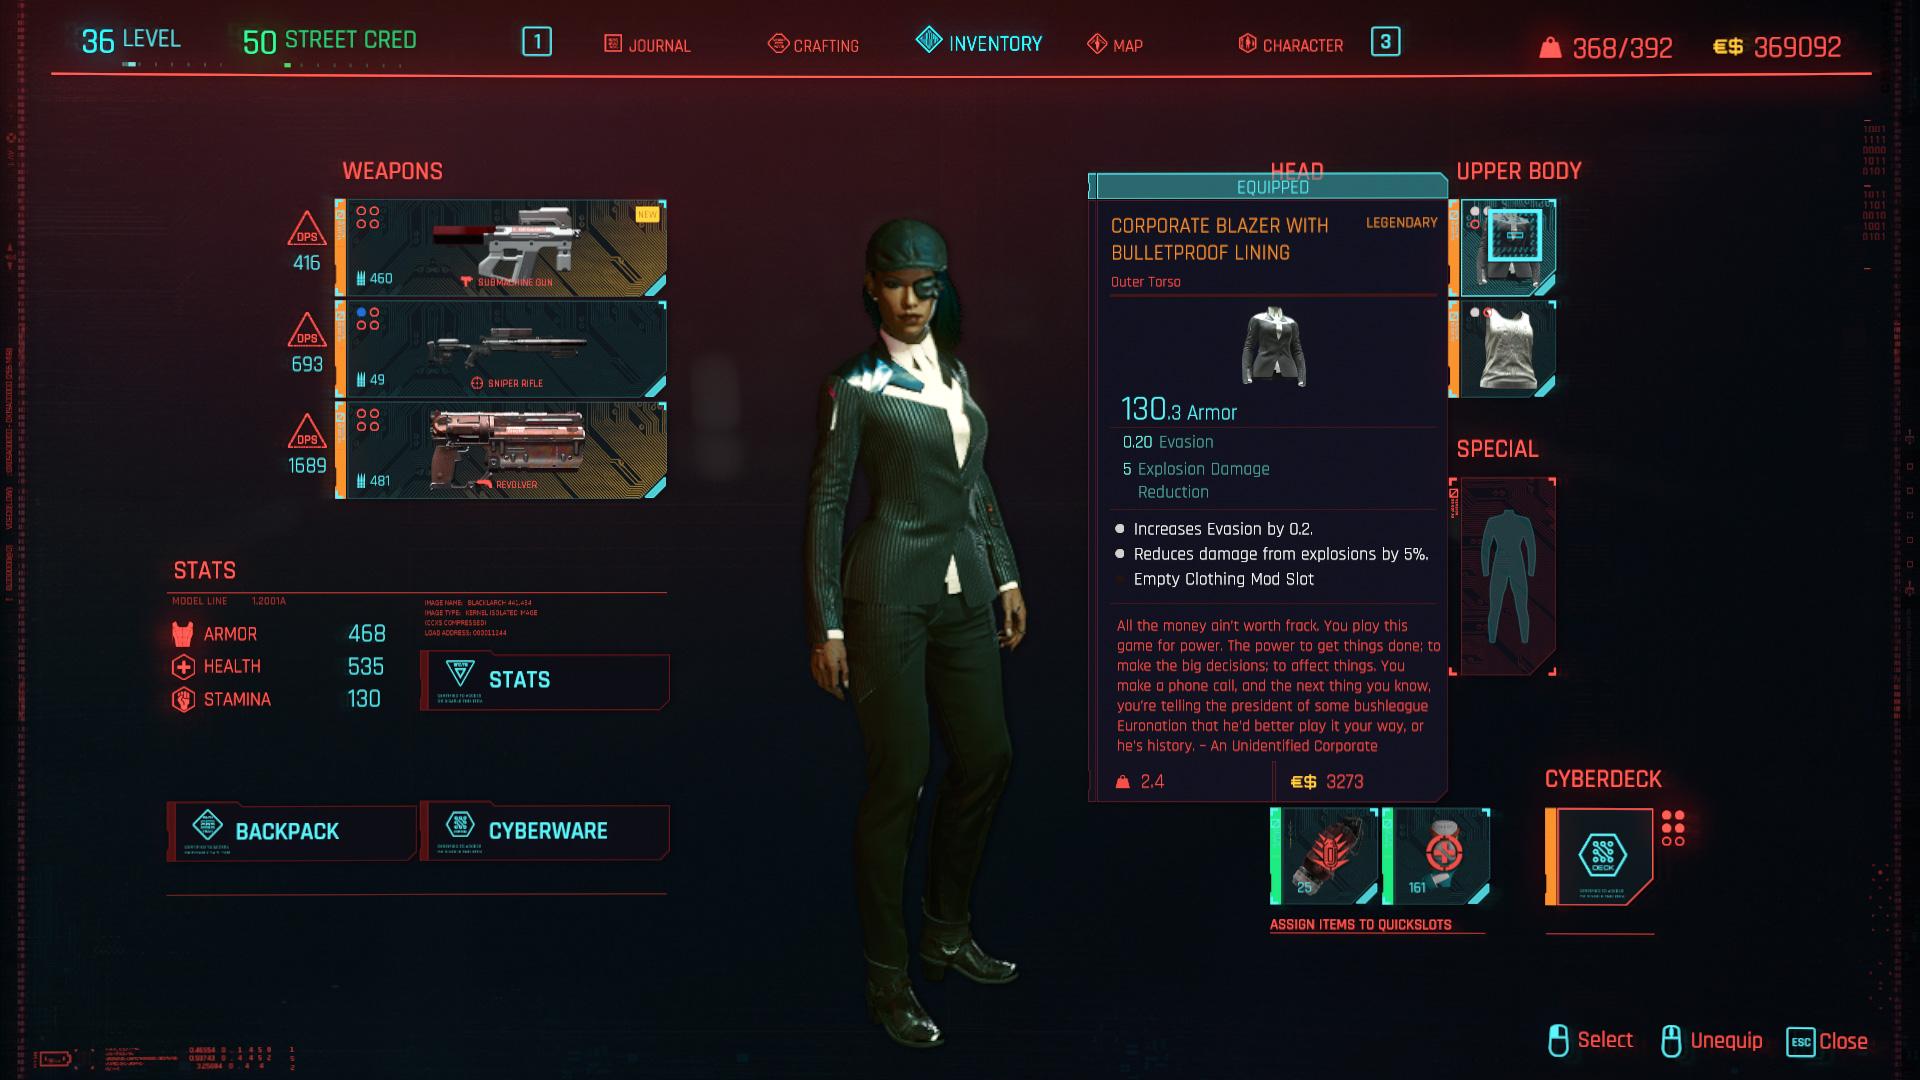 Tous les vêtements légendaires et emblématiques de Cyberpunk 2077 - Blazer d'entreprise avec doublure pare-balles